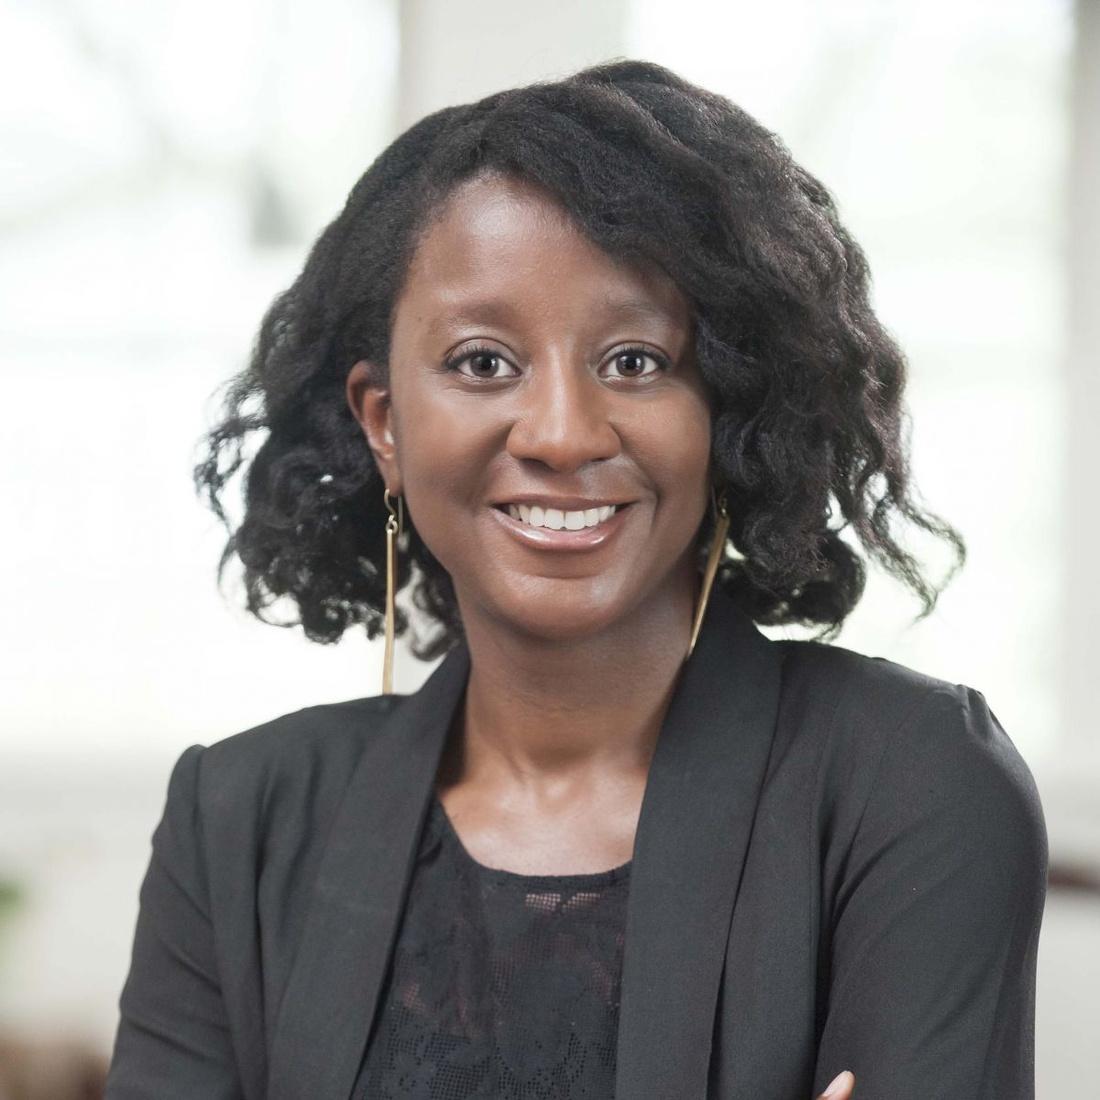 Yesomi Umolu, Image: Trumpie Photography